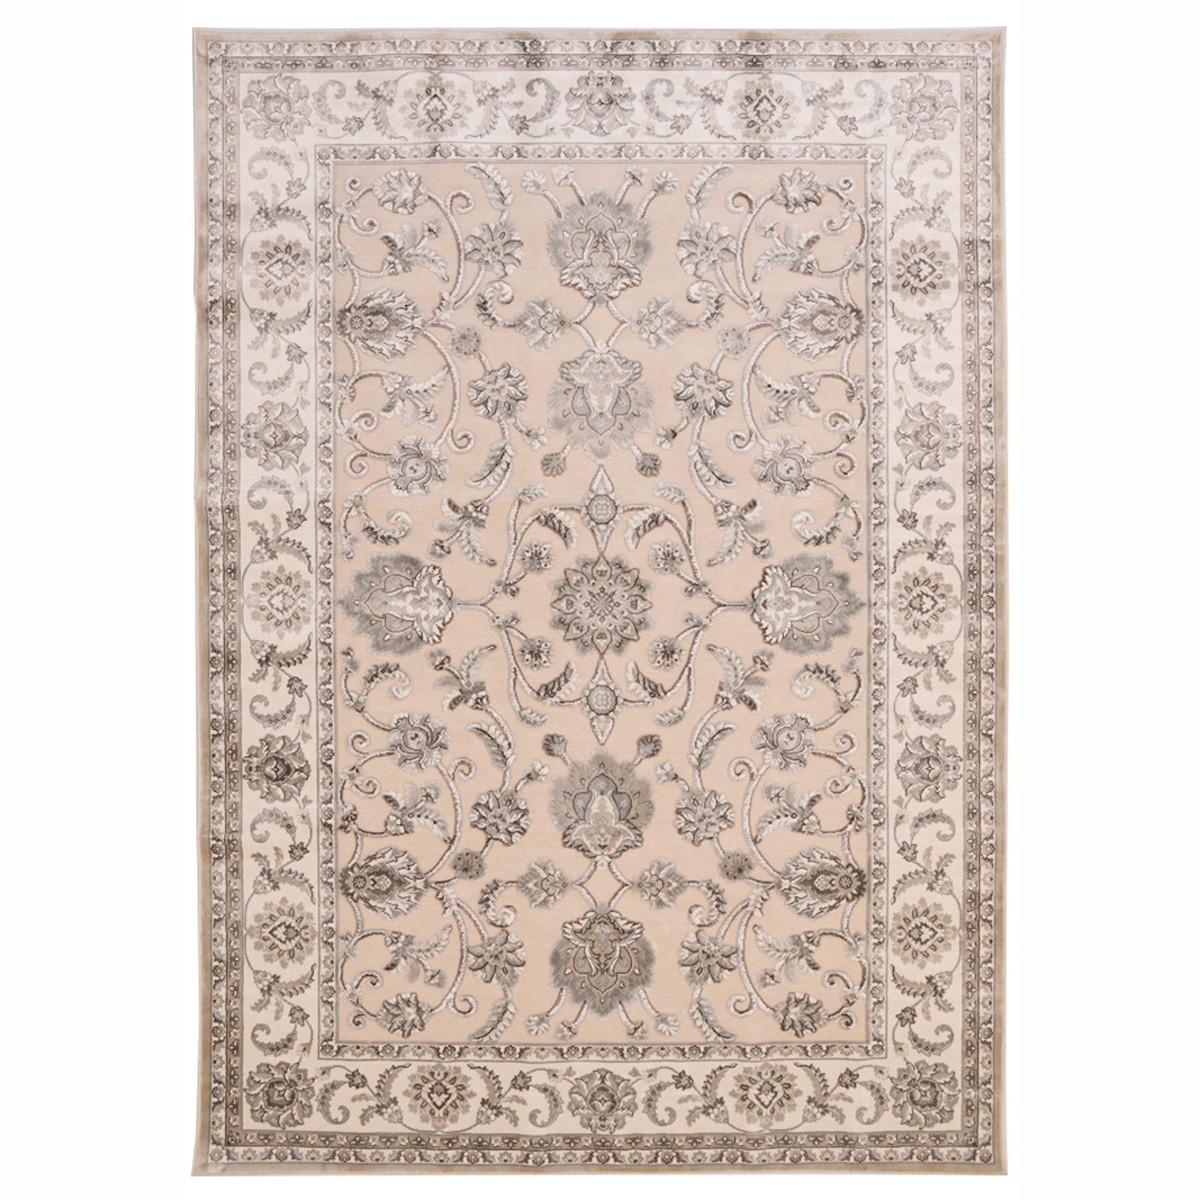 Χαλιά Κρεβατοκάμαρας (Σετ 3τμχ) Royal Carpets Tiffany Ice 938 Ic